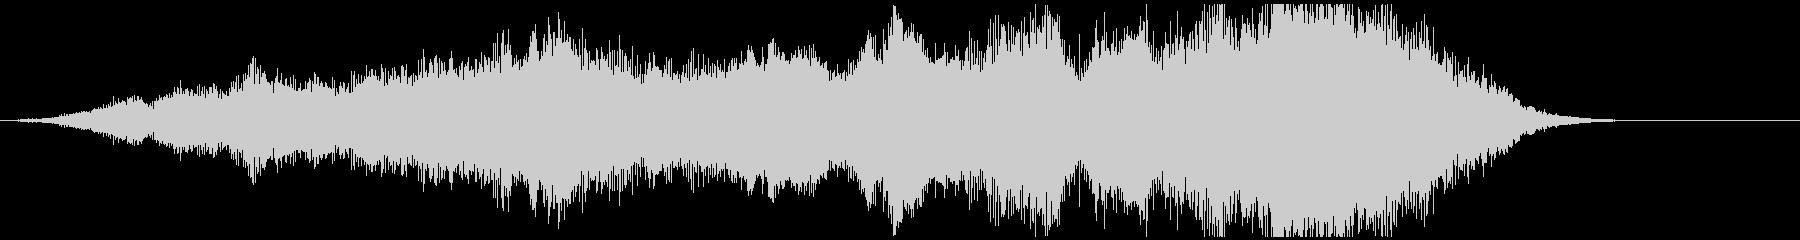 「不快音注意」ホラーME 短い雰囲気音の未再生の波形